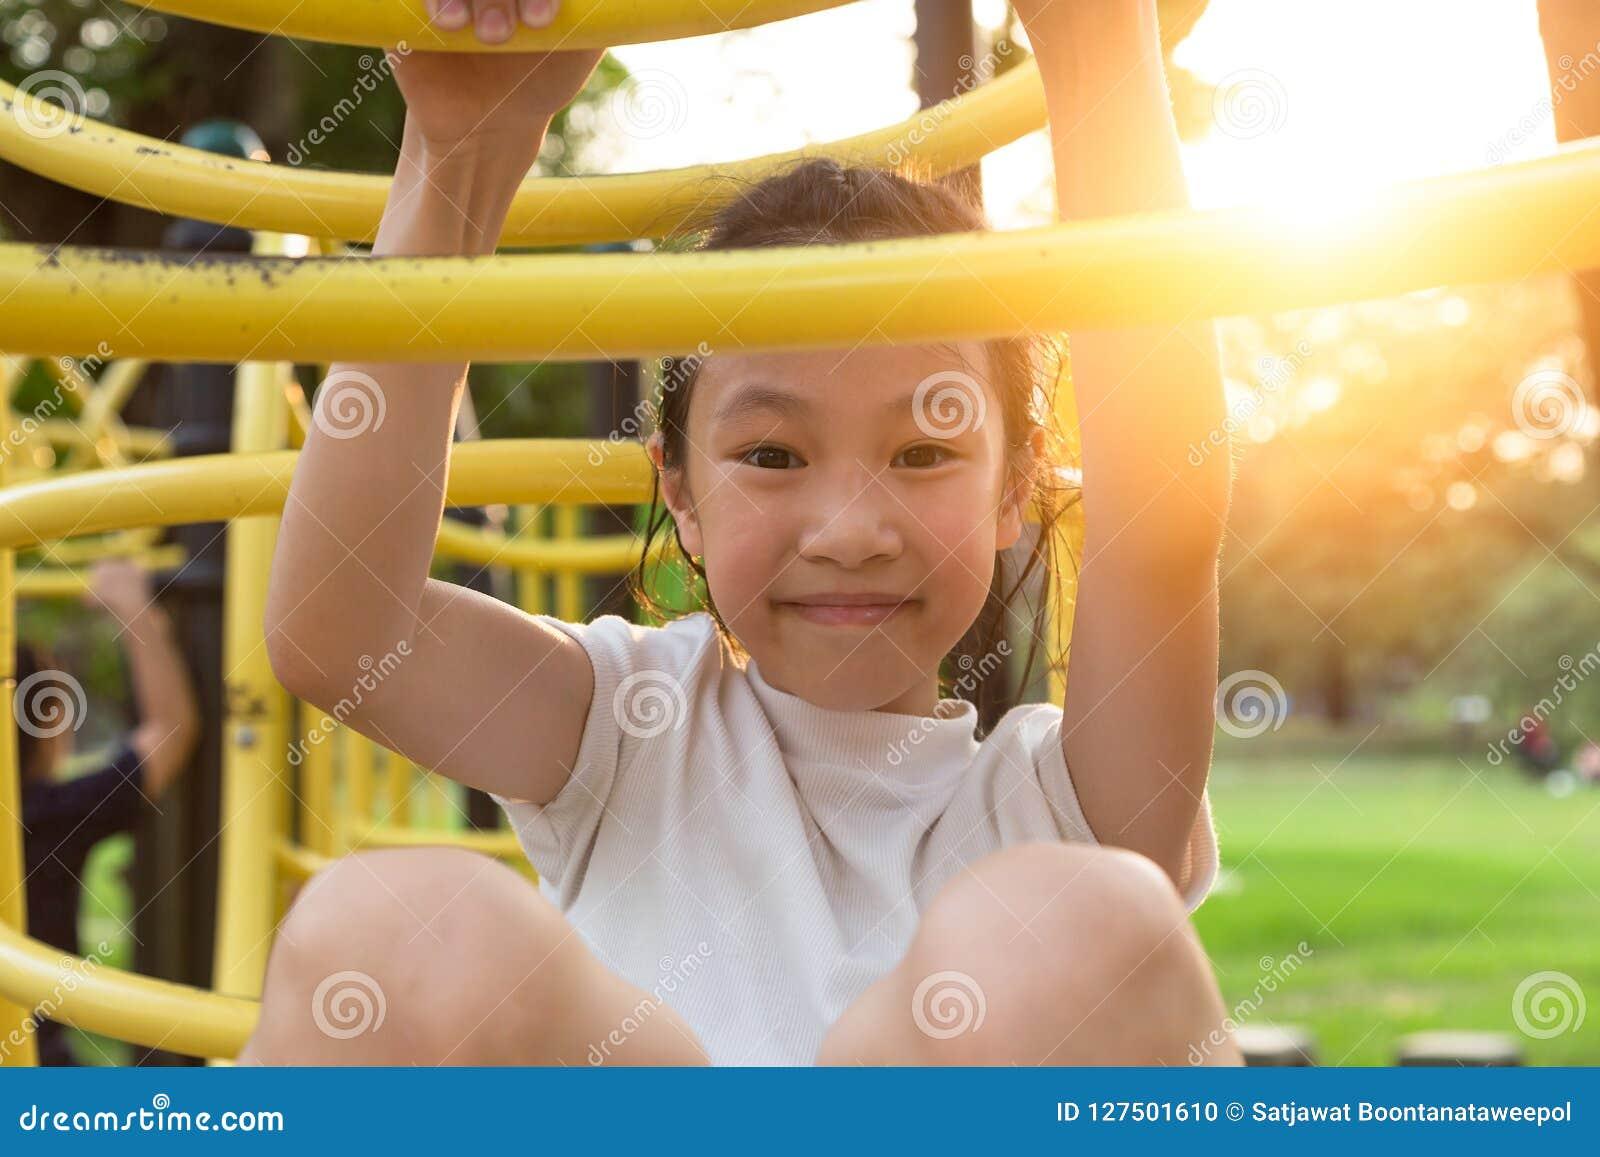 Счастливая, азиатская маленькая девочка играя на спортивной площадке на открытом воздухе и смотря камеру в парке, лето, концепцию